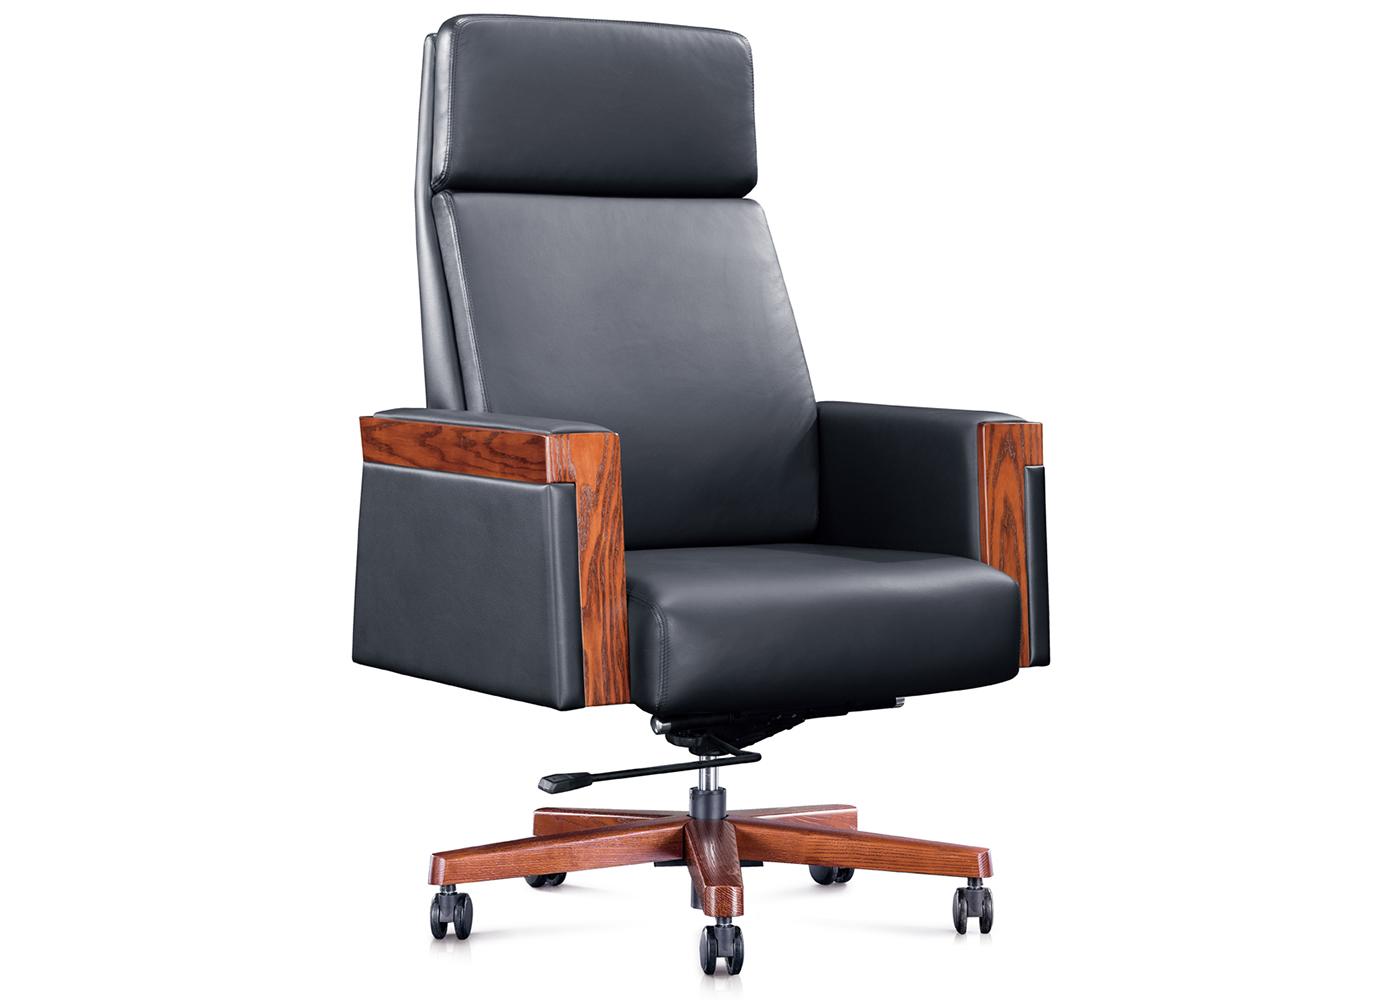 恩凯斯牛皮班椅A11,上海牛皮班椅,【尺寸 价格 图片 品牌】